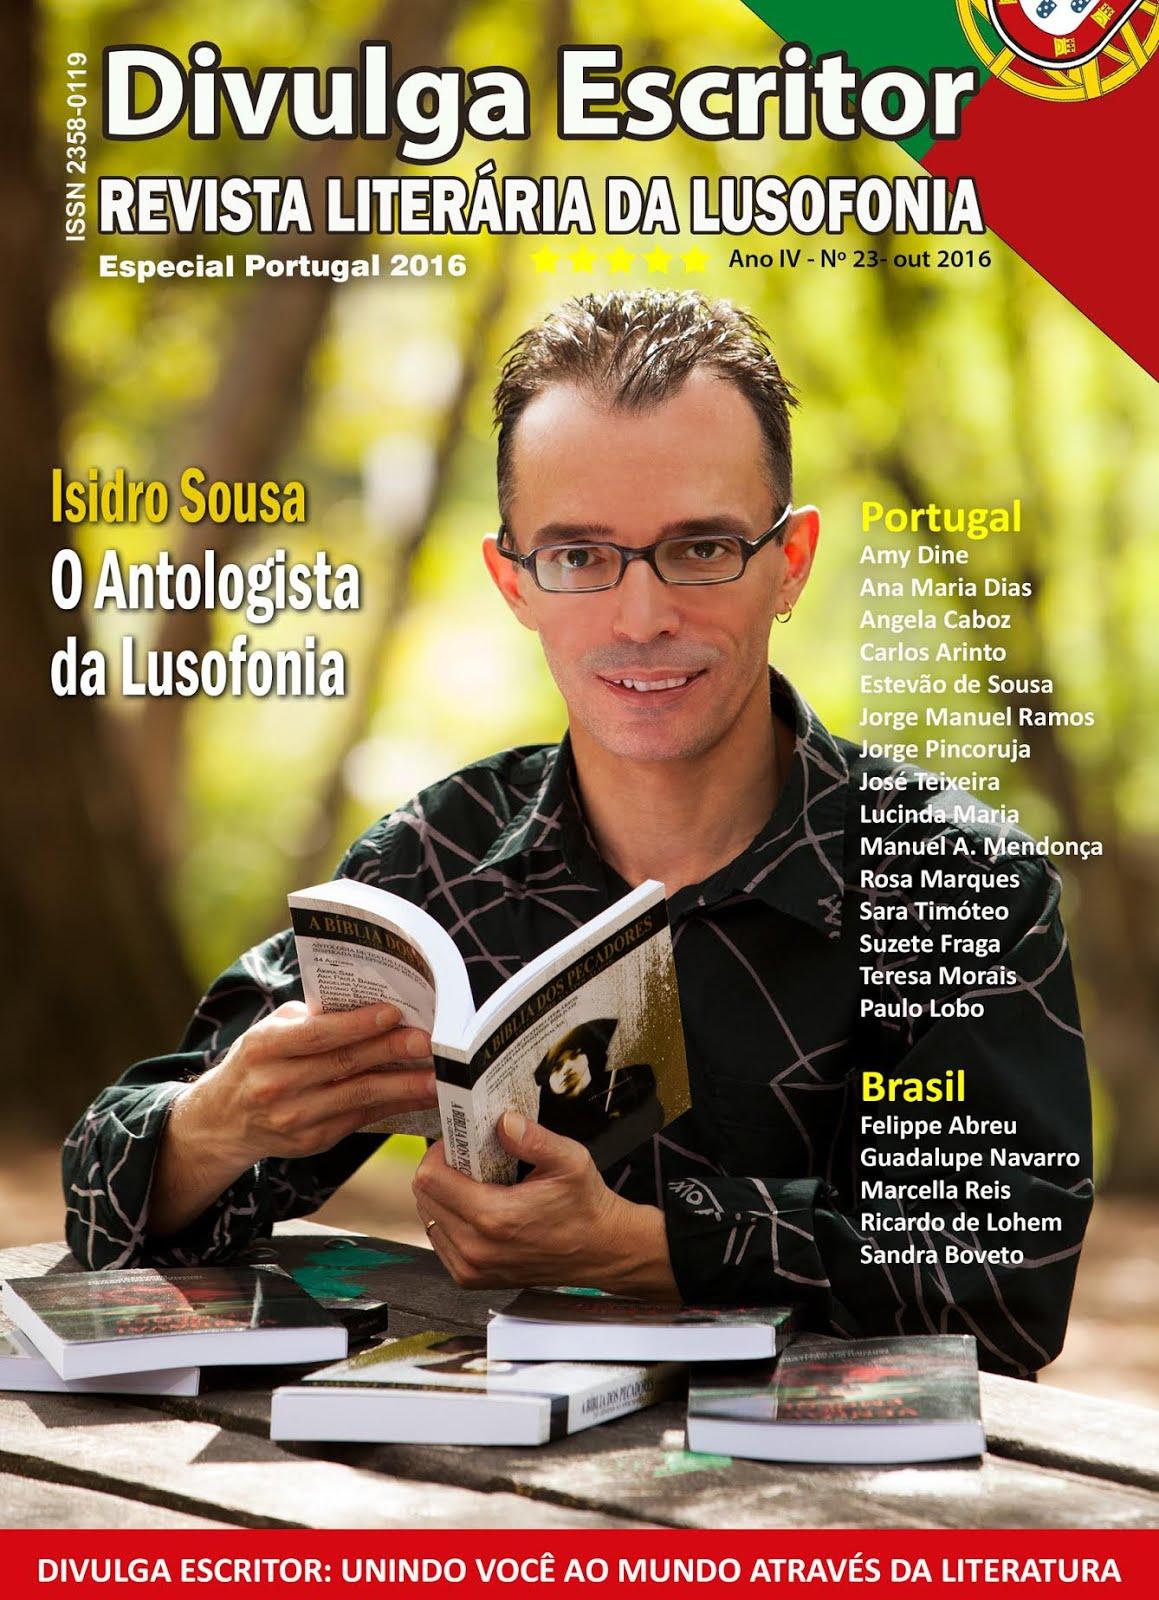 Entrevista (e Capa) com Isidro Sousa na Edição Especial Portugal 2016 da «DIVULGA ESCRITOR»